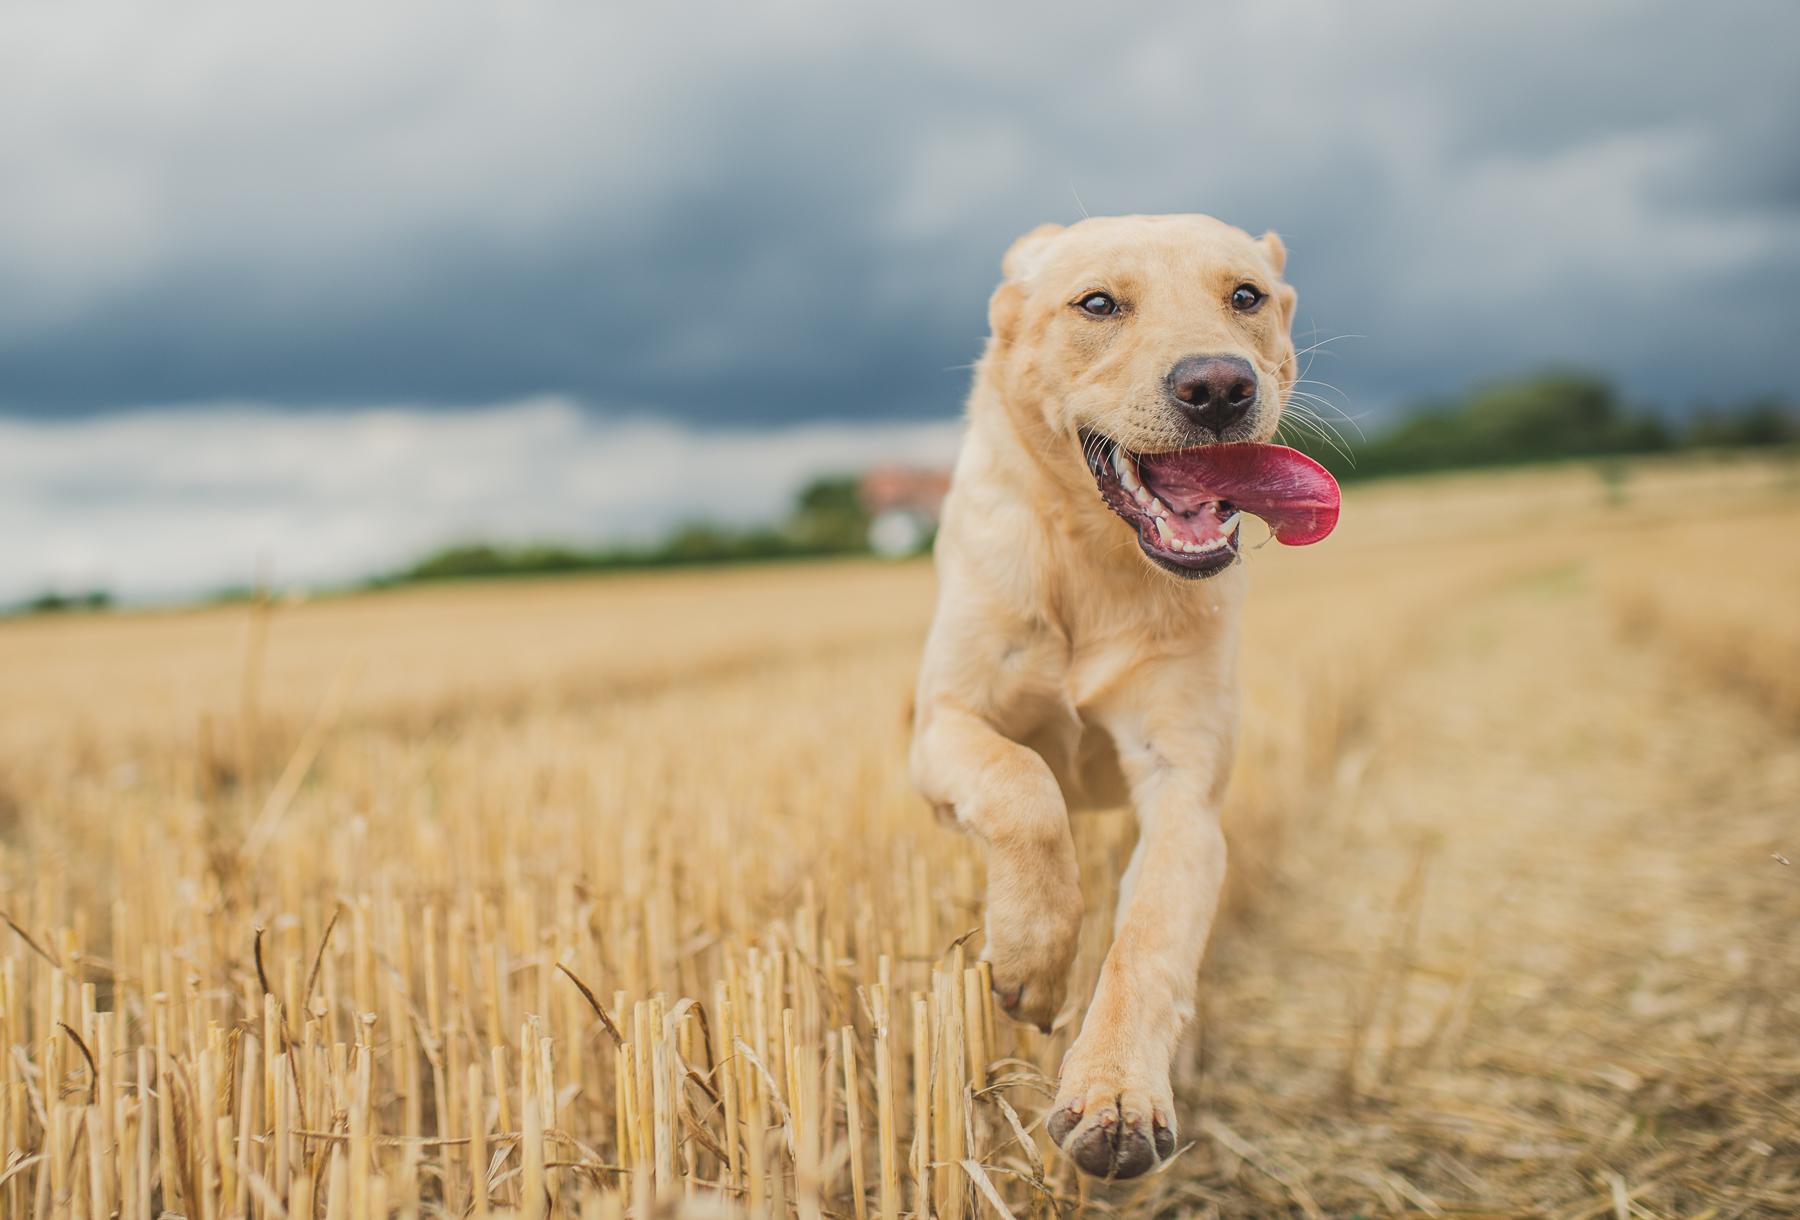 Dog running towards the camera in field